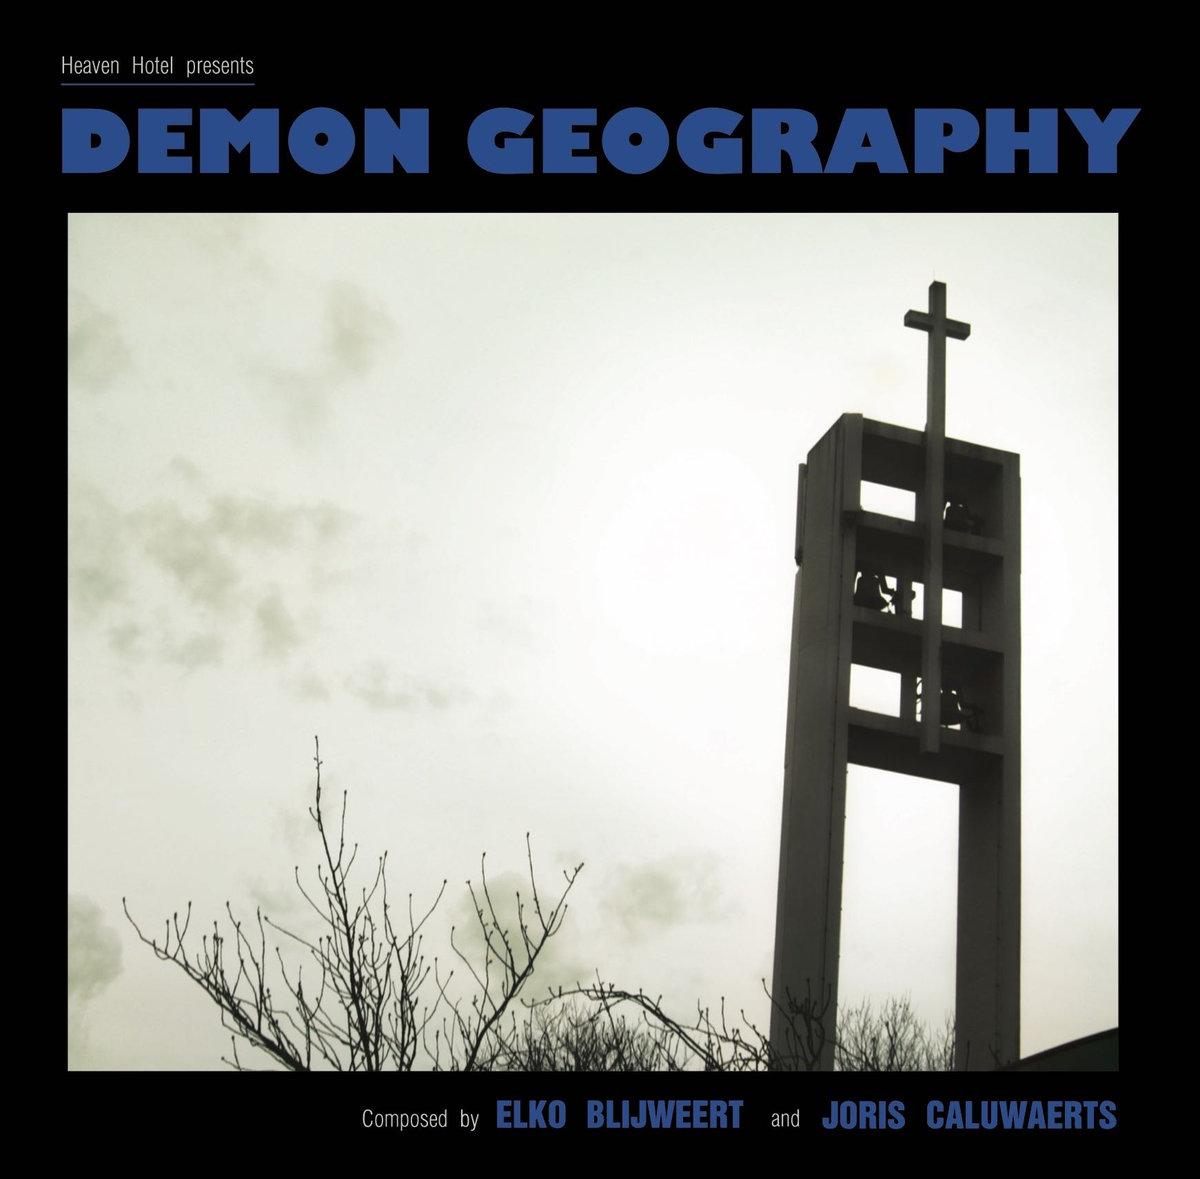 Elko Blijweert & Joris Caluwaerts – Demon Geography